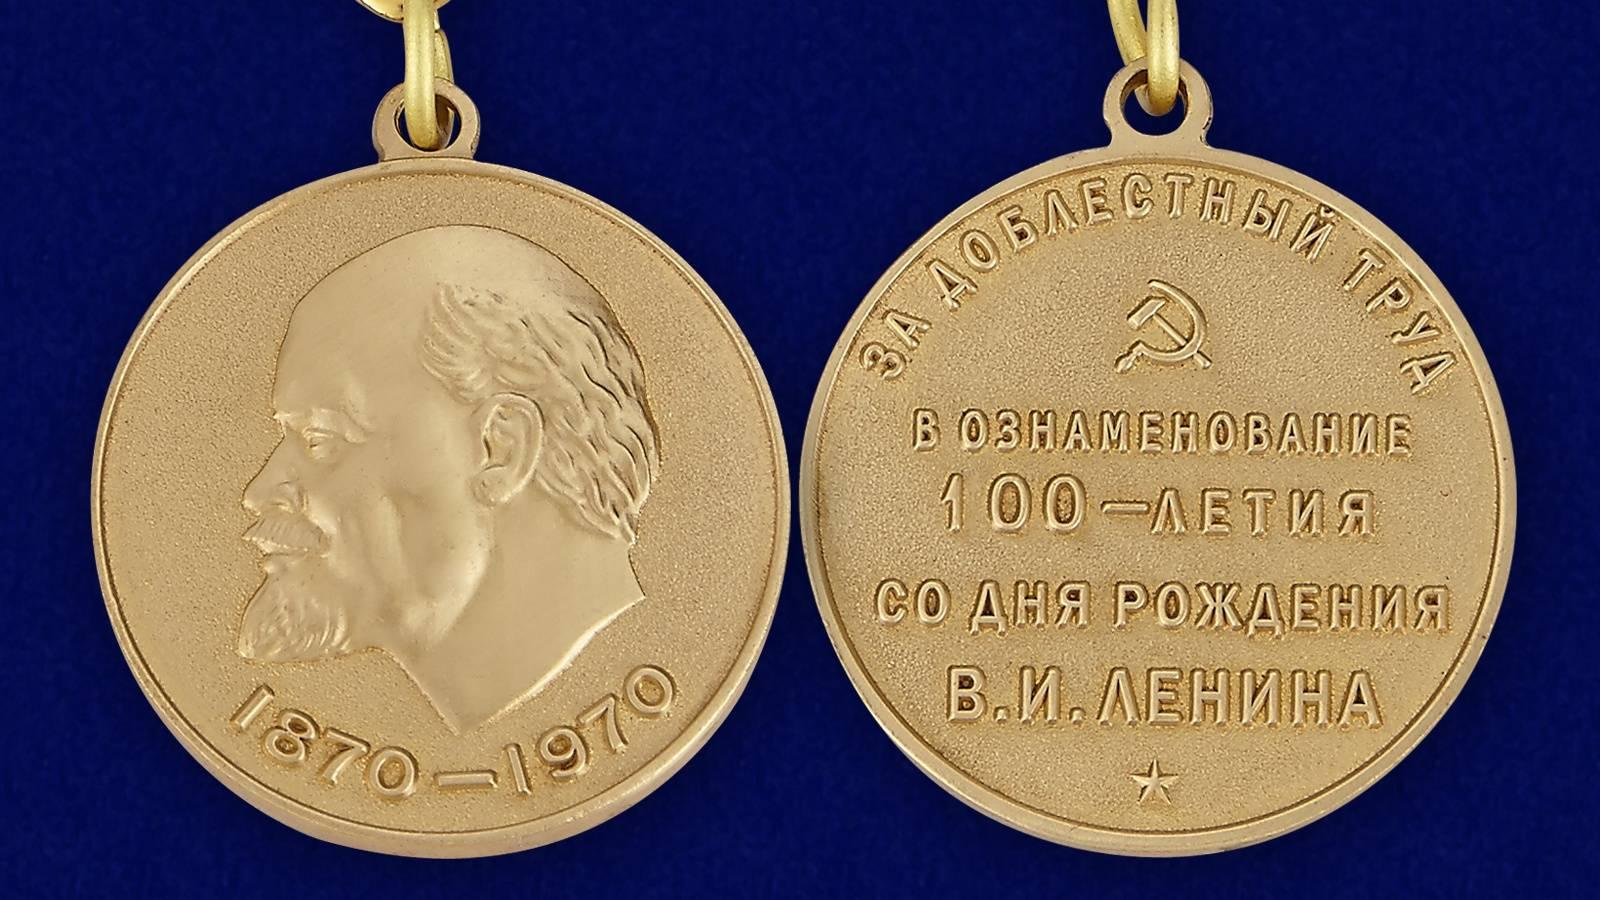 mulyazh-medali-v-oznamenovanie-100-letiya-so-dnya-rozhdeniya-vi-lenina-5.1600x1600.jpg